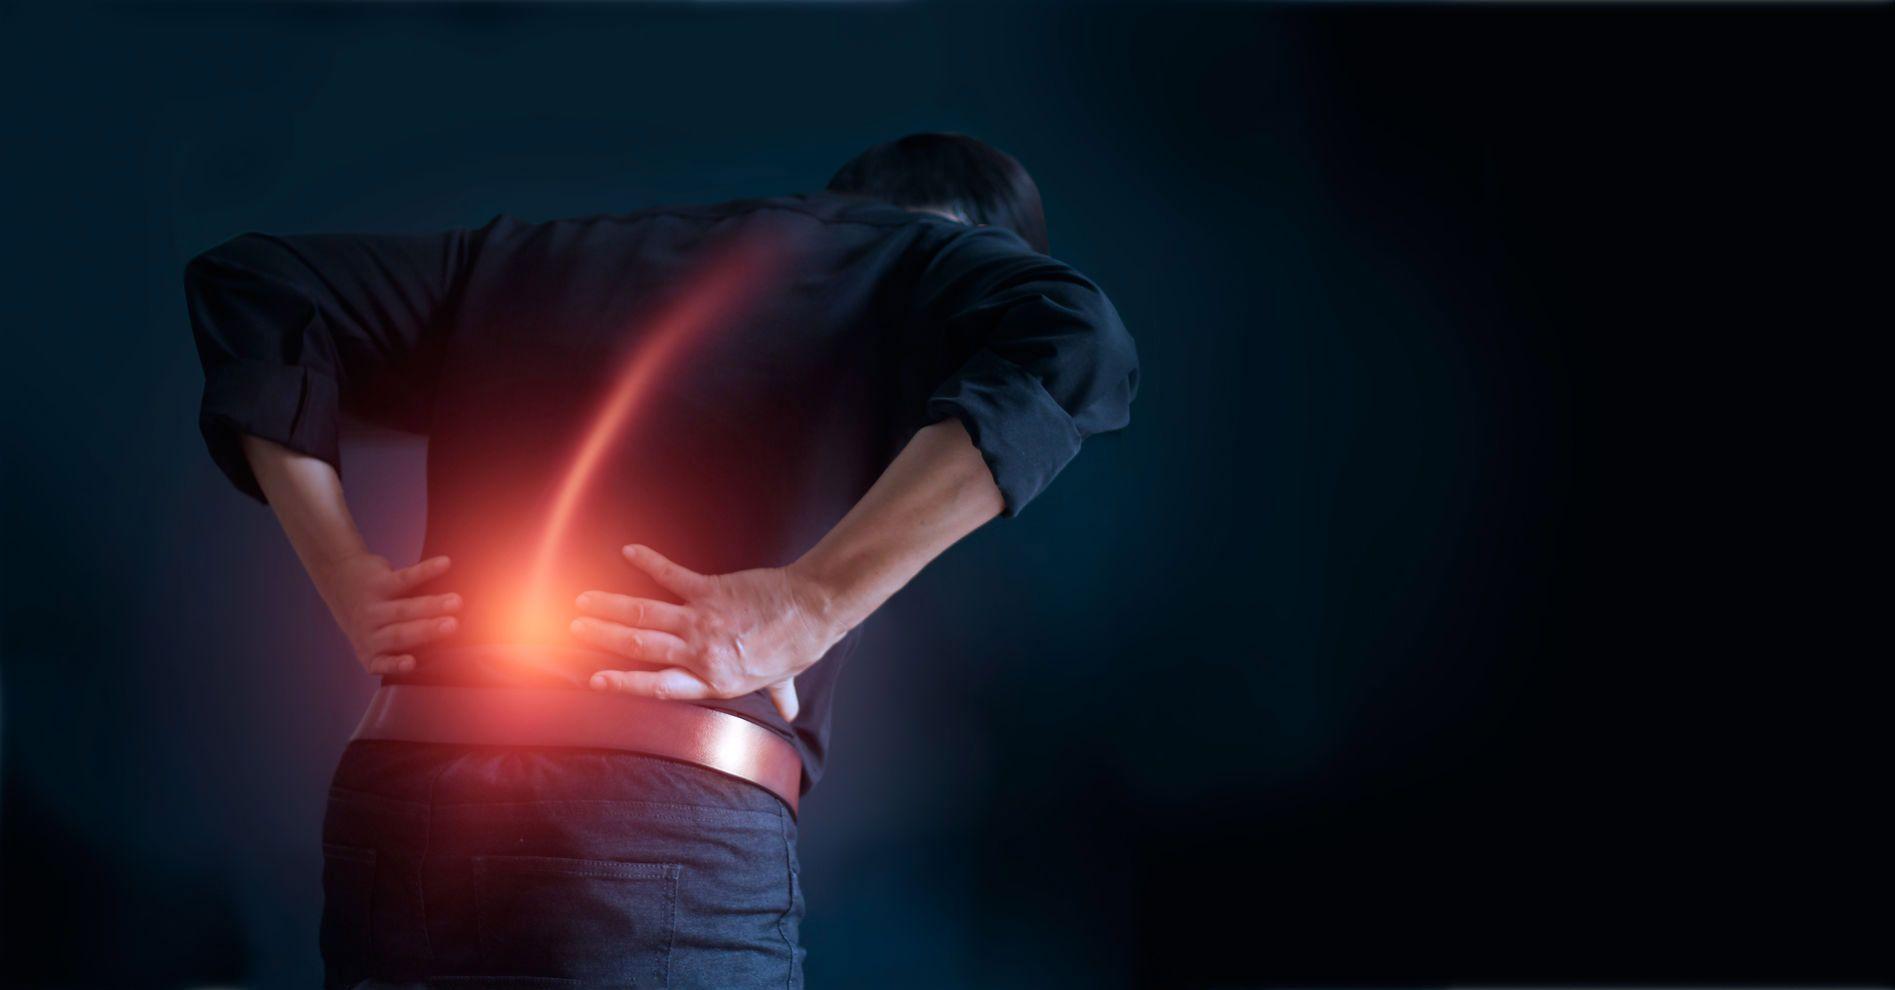 Quá trình thoái hóa tự nhiên của xương khớp khiến cho người già bị đau gai cột sống lưng